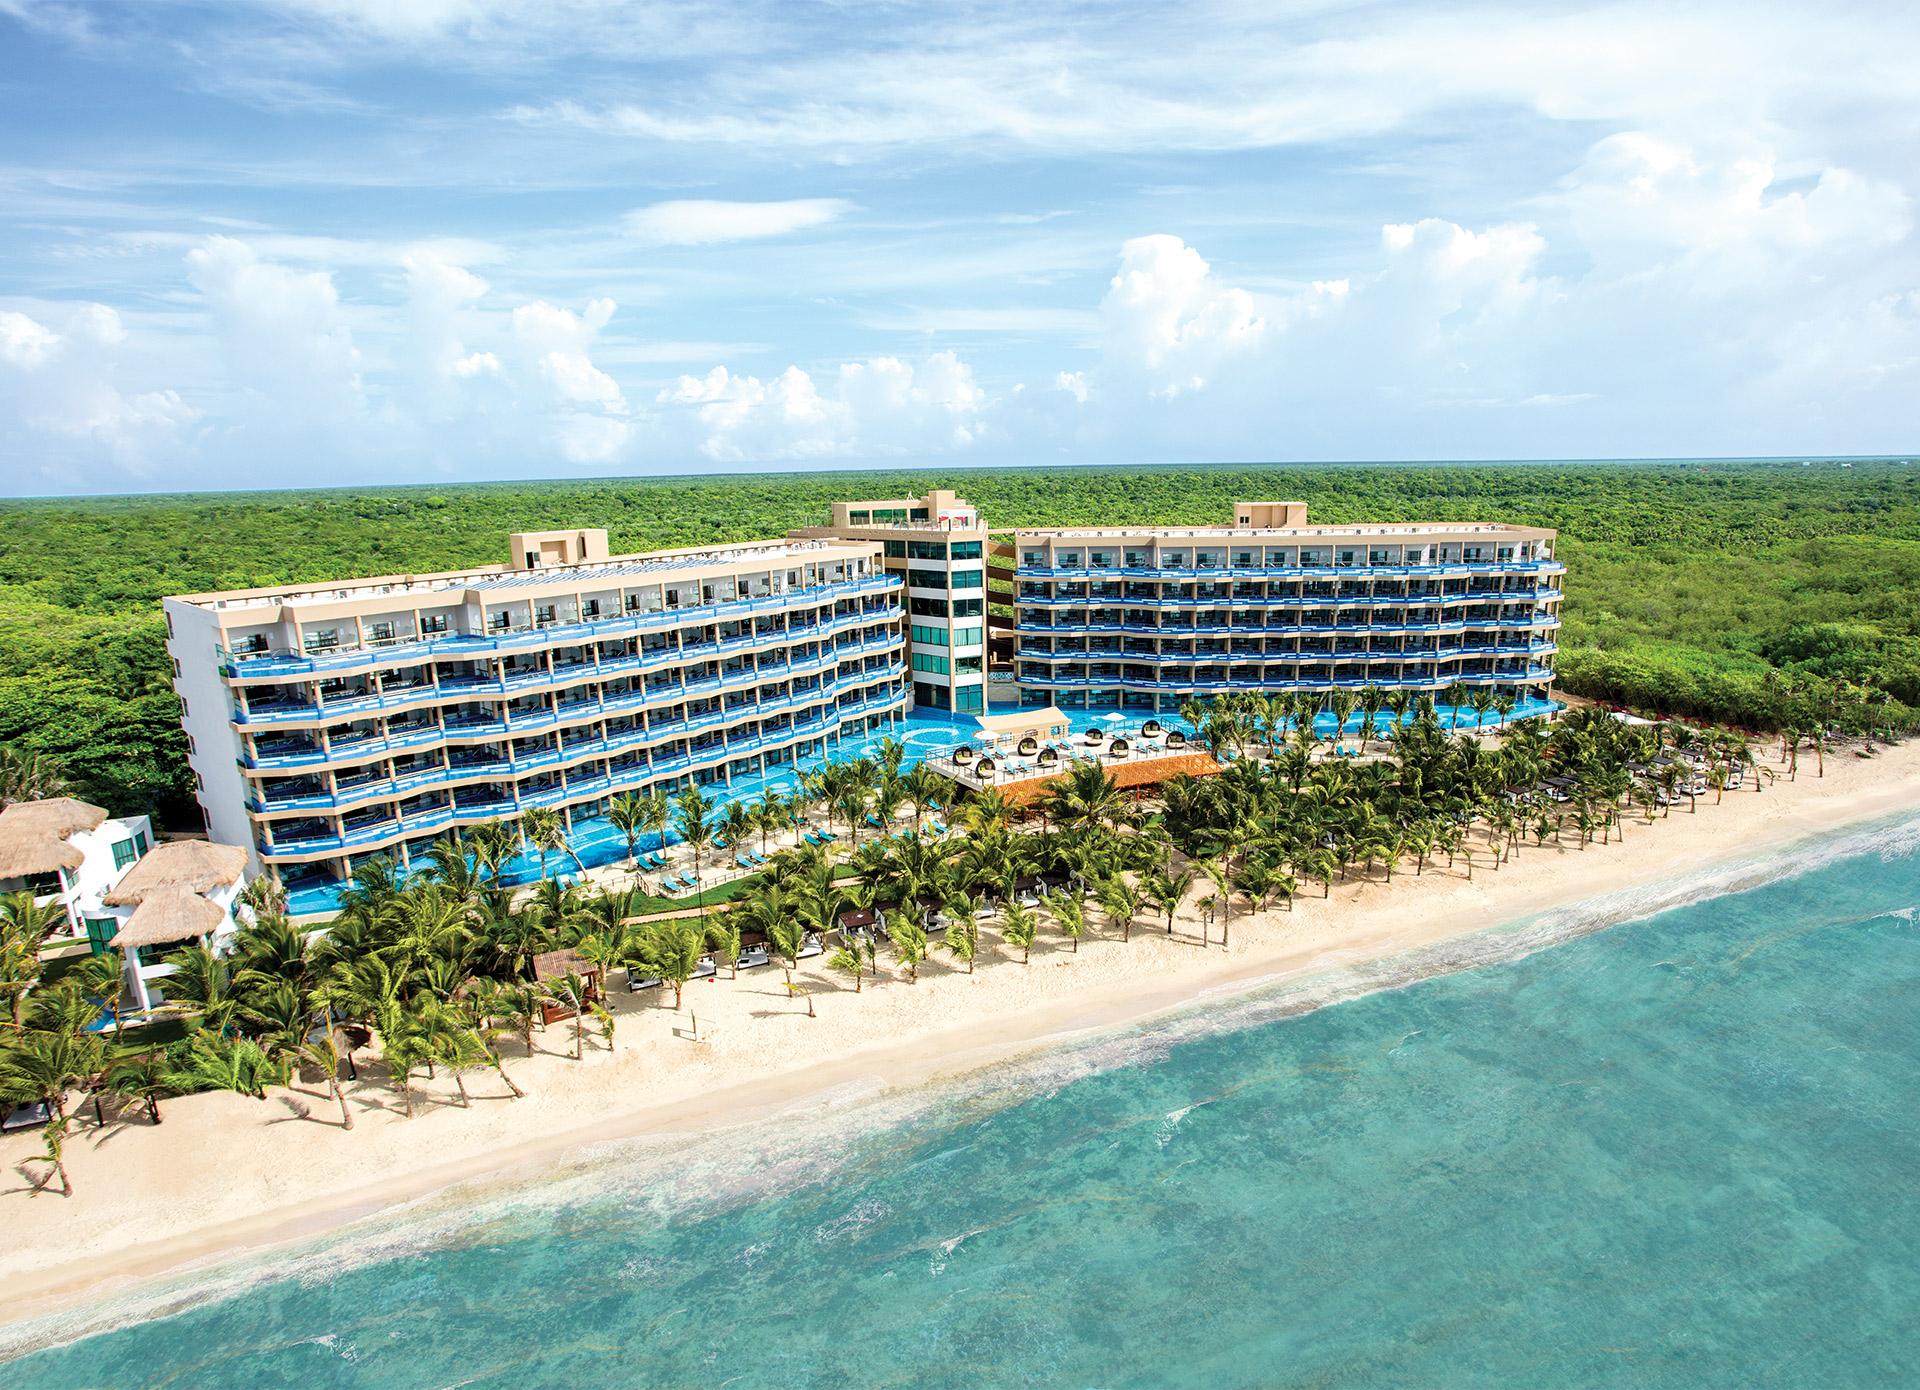 El Dorado Seaside Suites Gallery